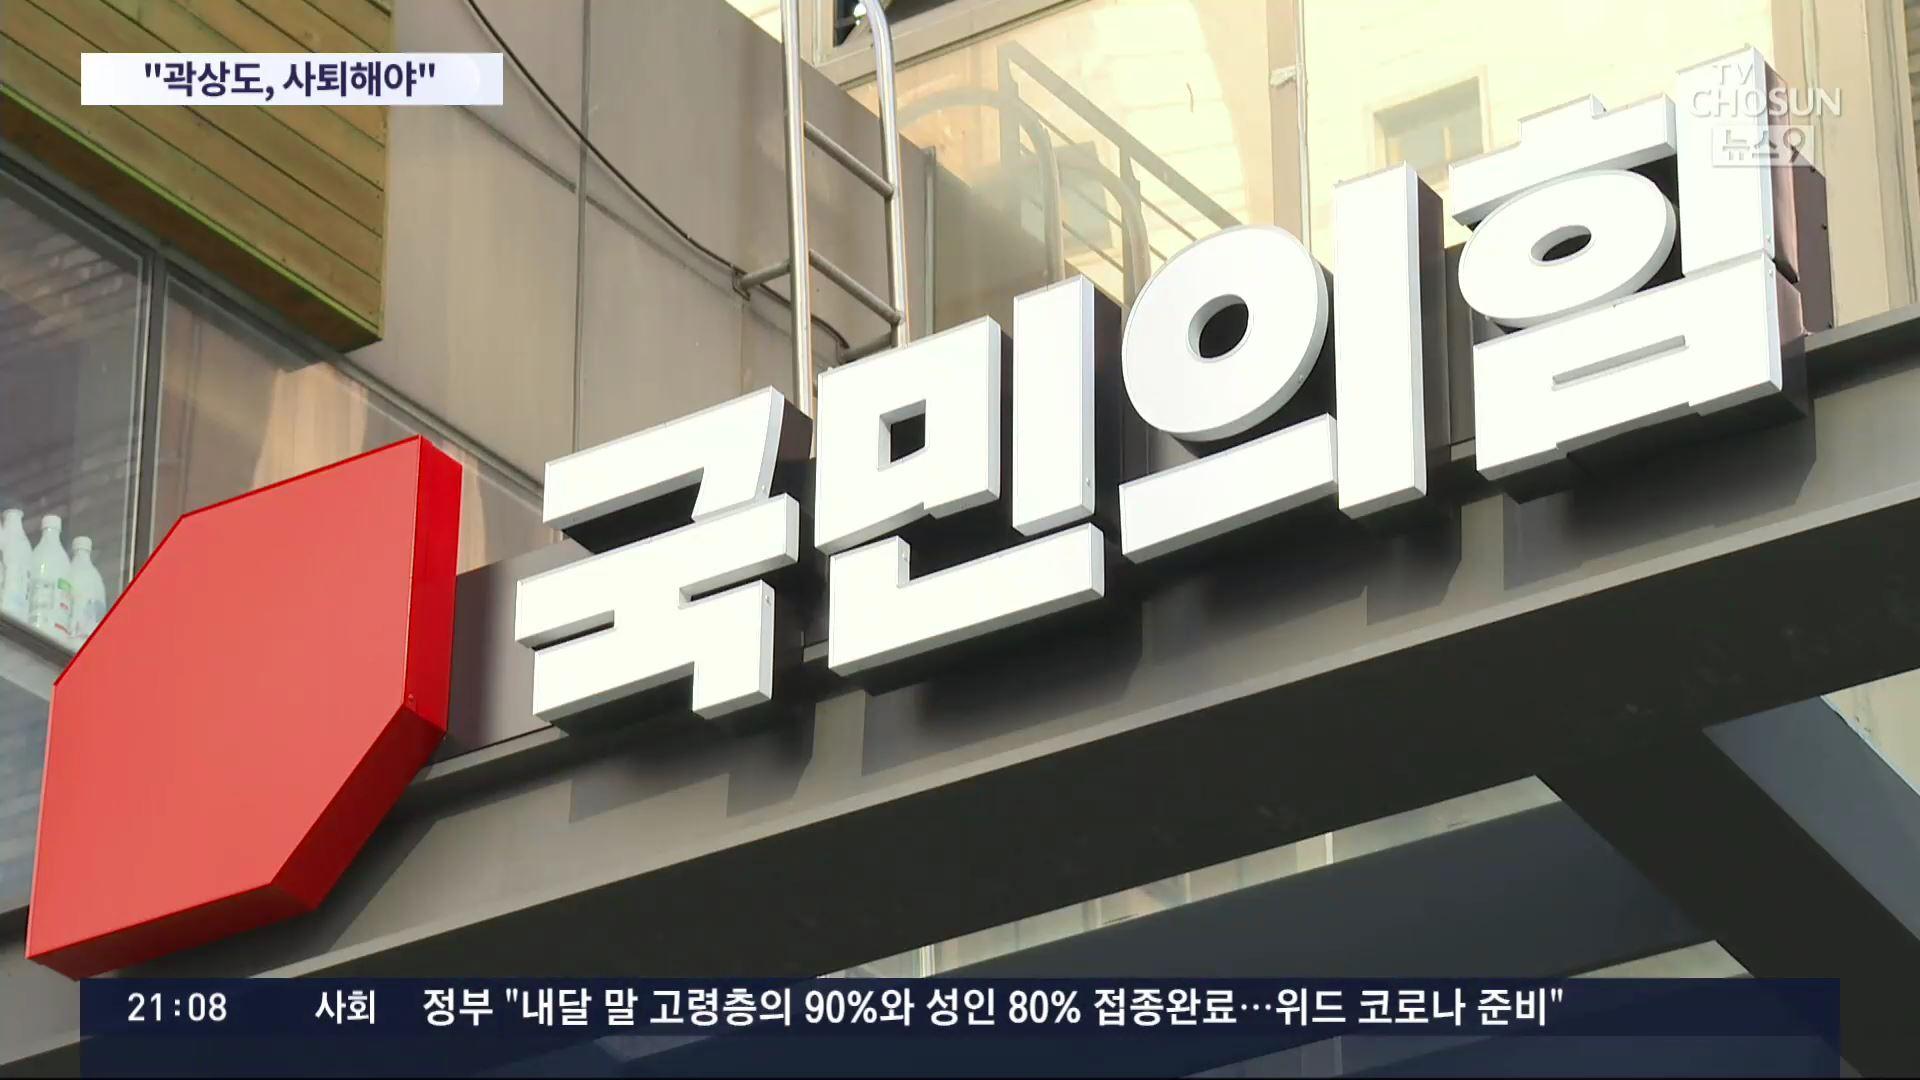 野 초선들 '곽상도 의원직 사퇴' 촉구, 이준석도 '결단해야'